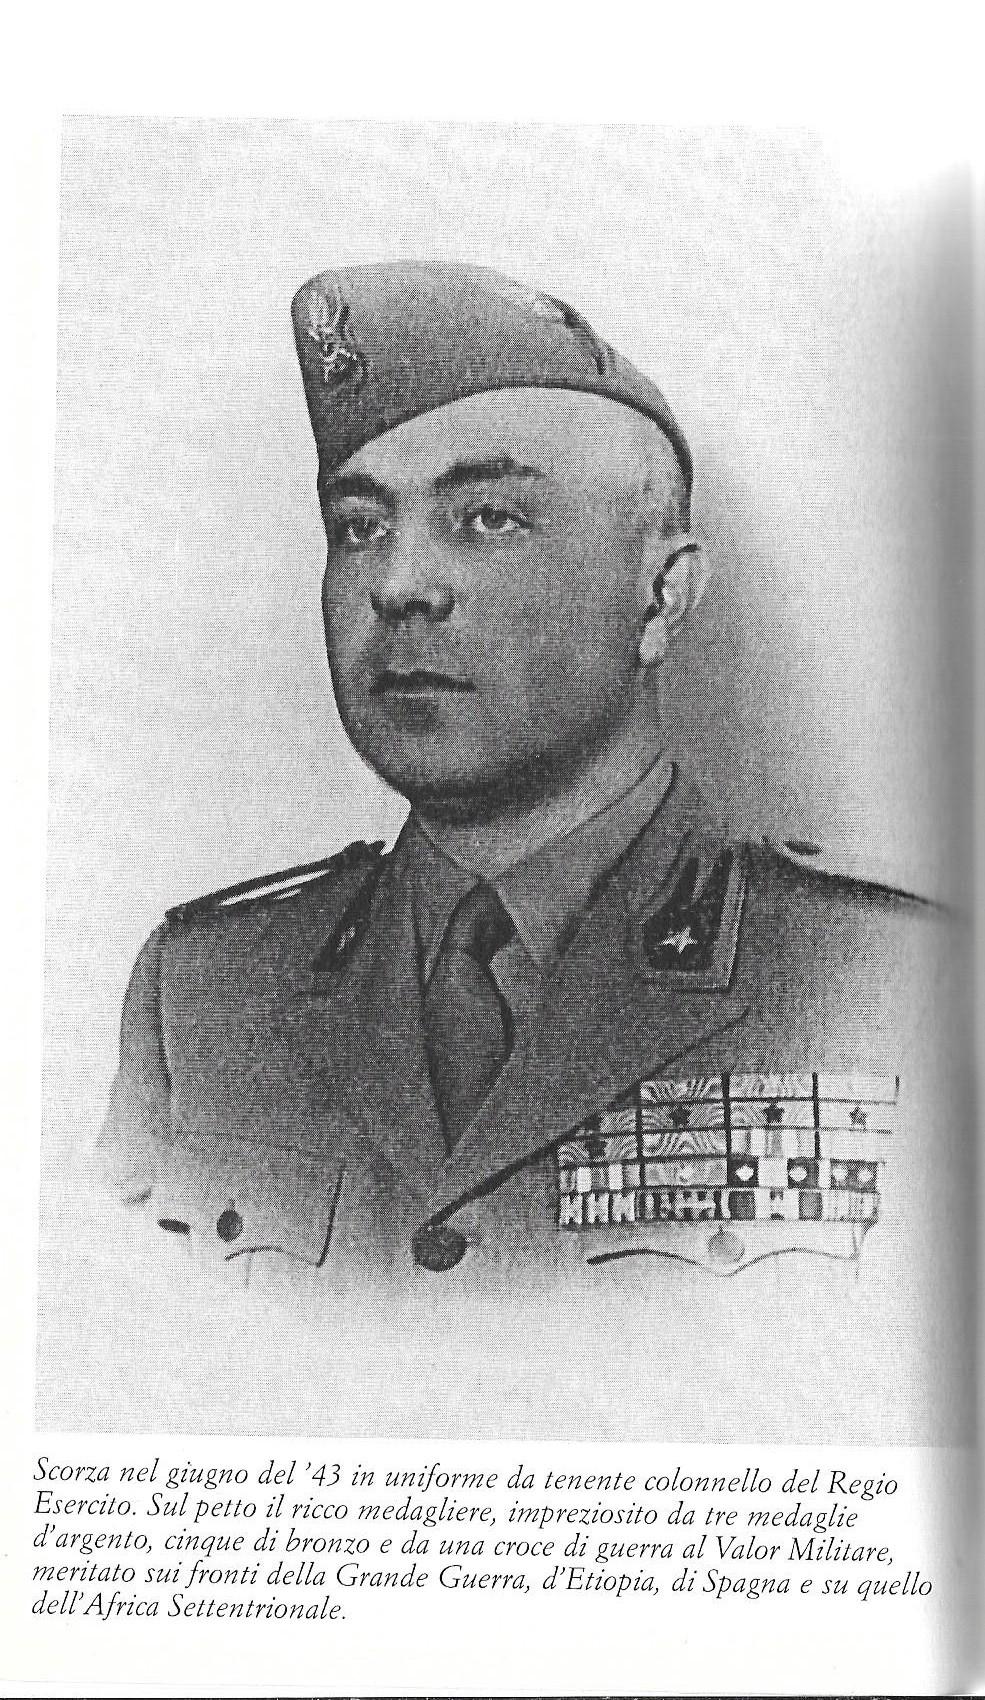 ITALIA 1921: Valdottavo, 22 maggio (terza parte) – Giacinto Reale